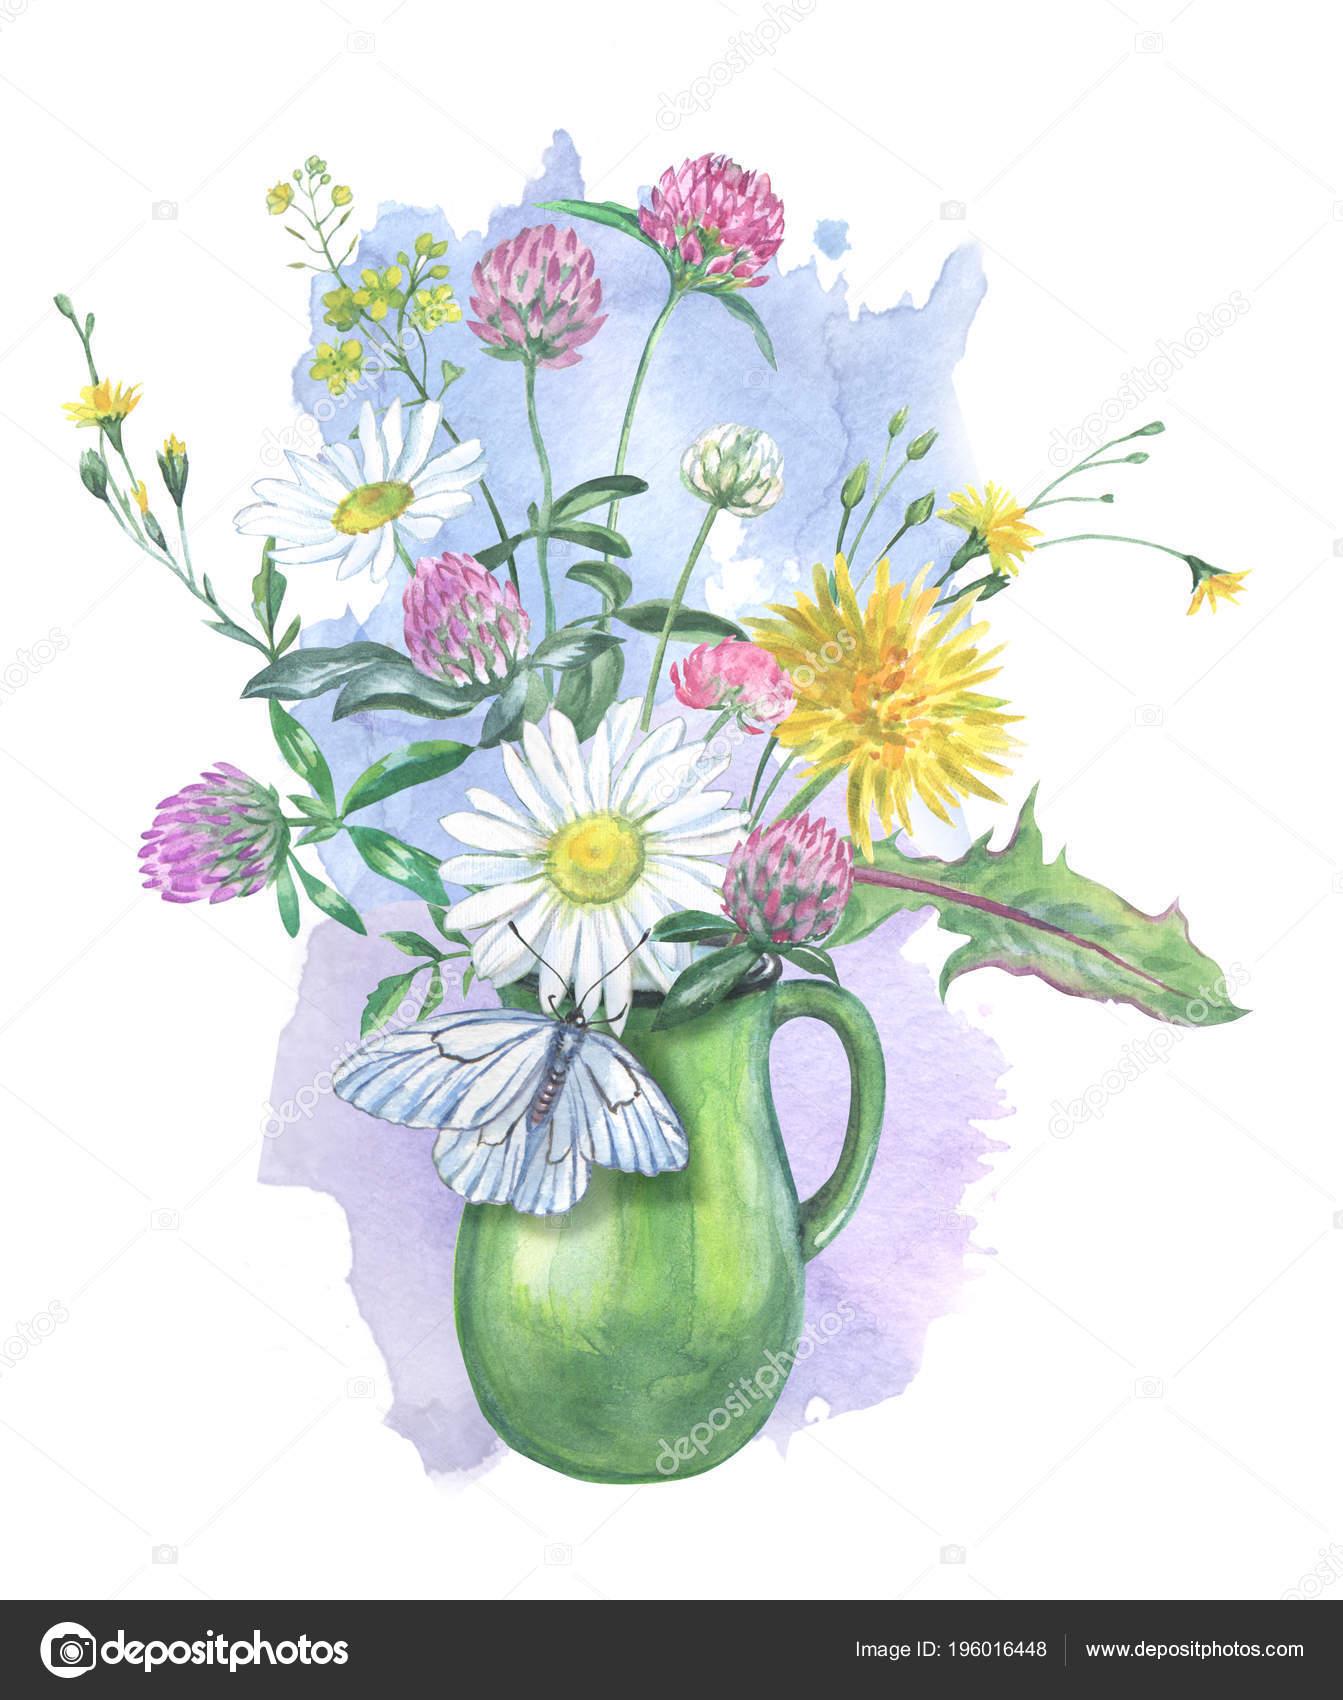 Bouquet Fleurs Été Dans Une Carafe Papillon Dessin — Photographie po_lelya@bk.ru © #196016448